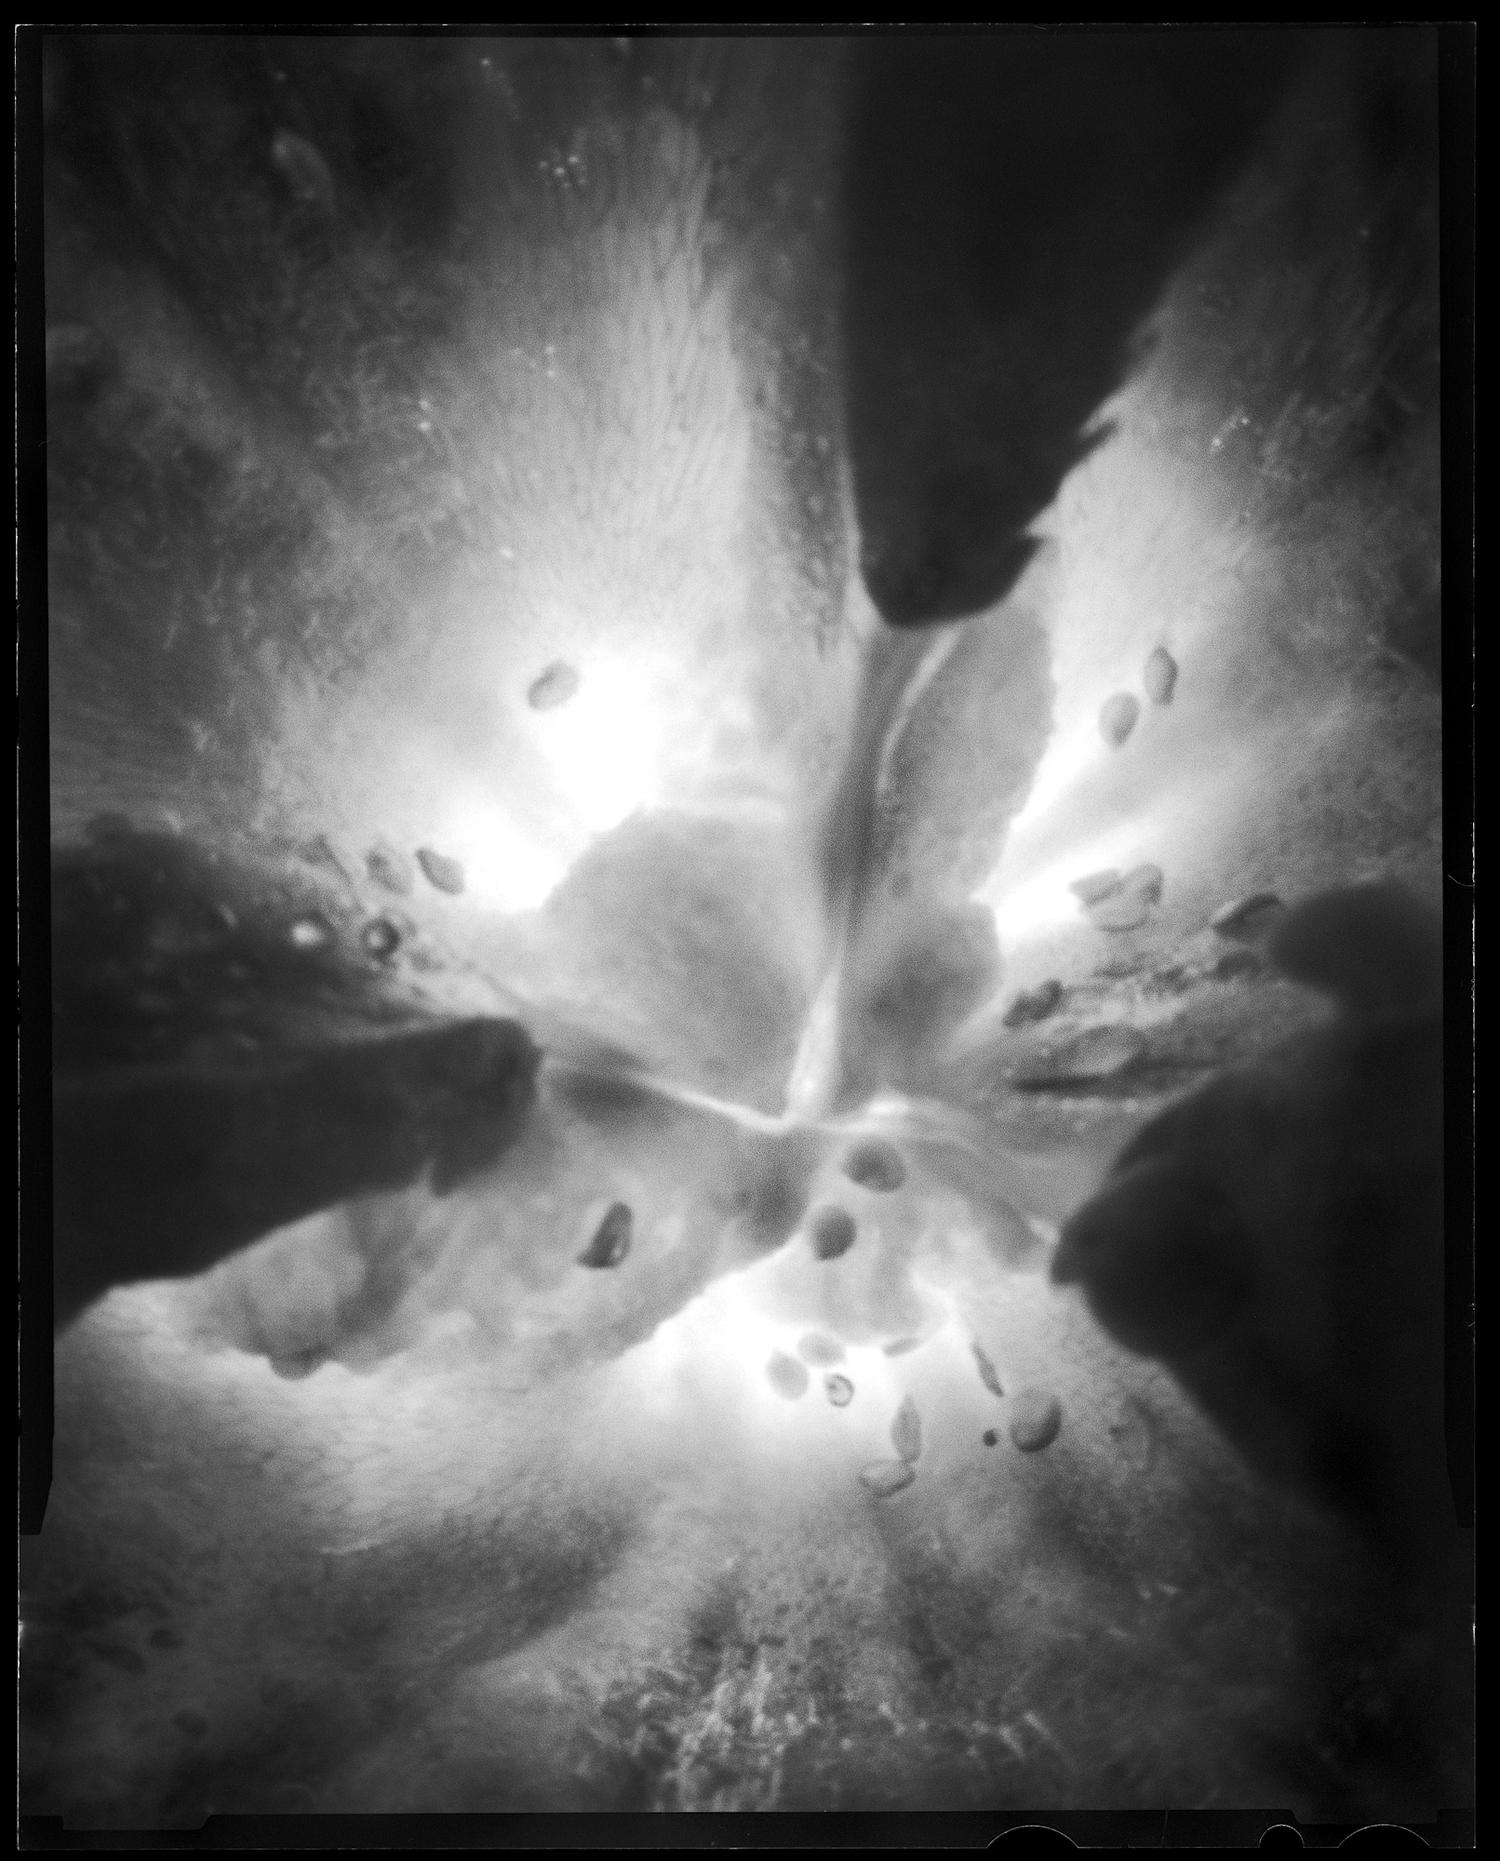 bio graphics  / exposure time ≈ 00:05:00 © 2012 svemart